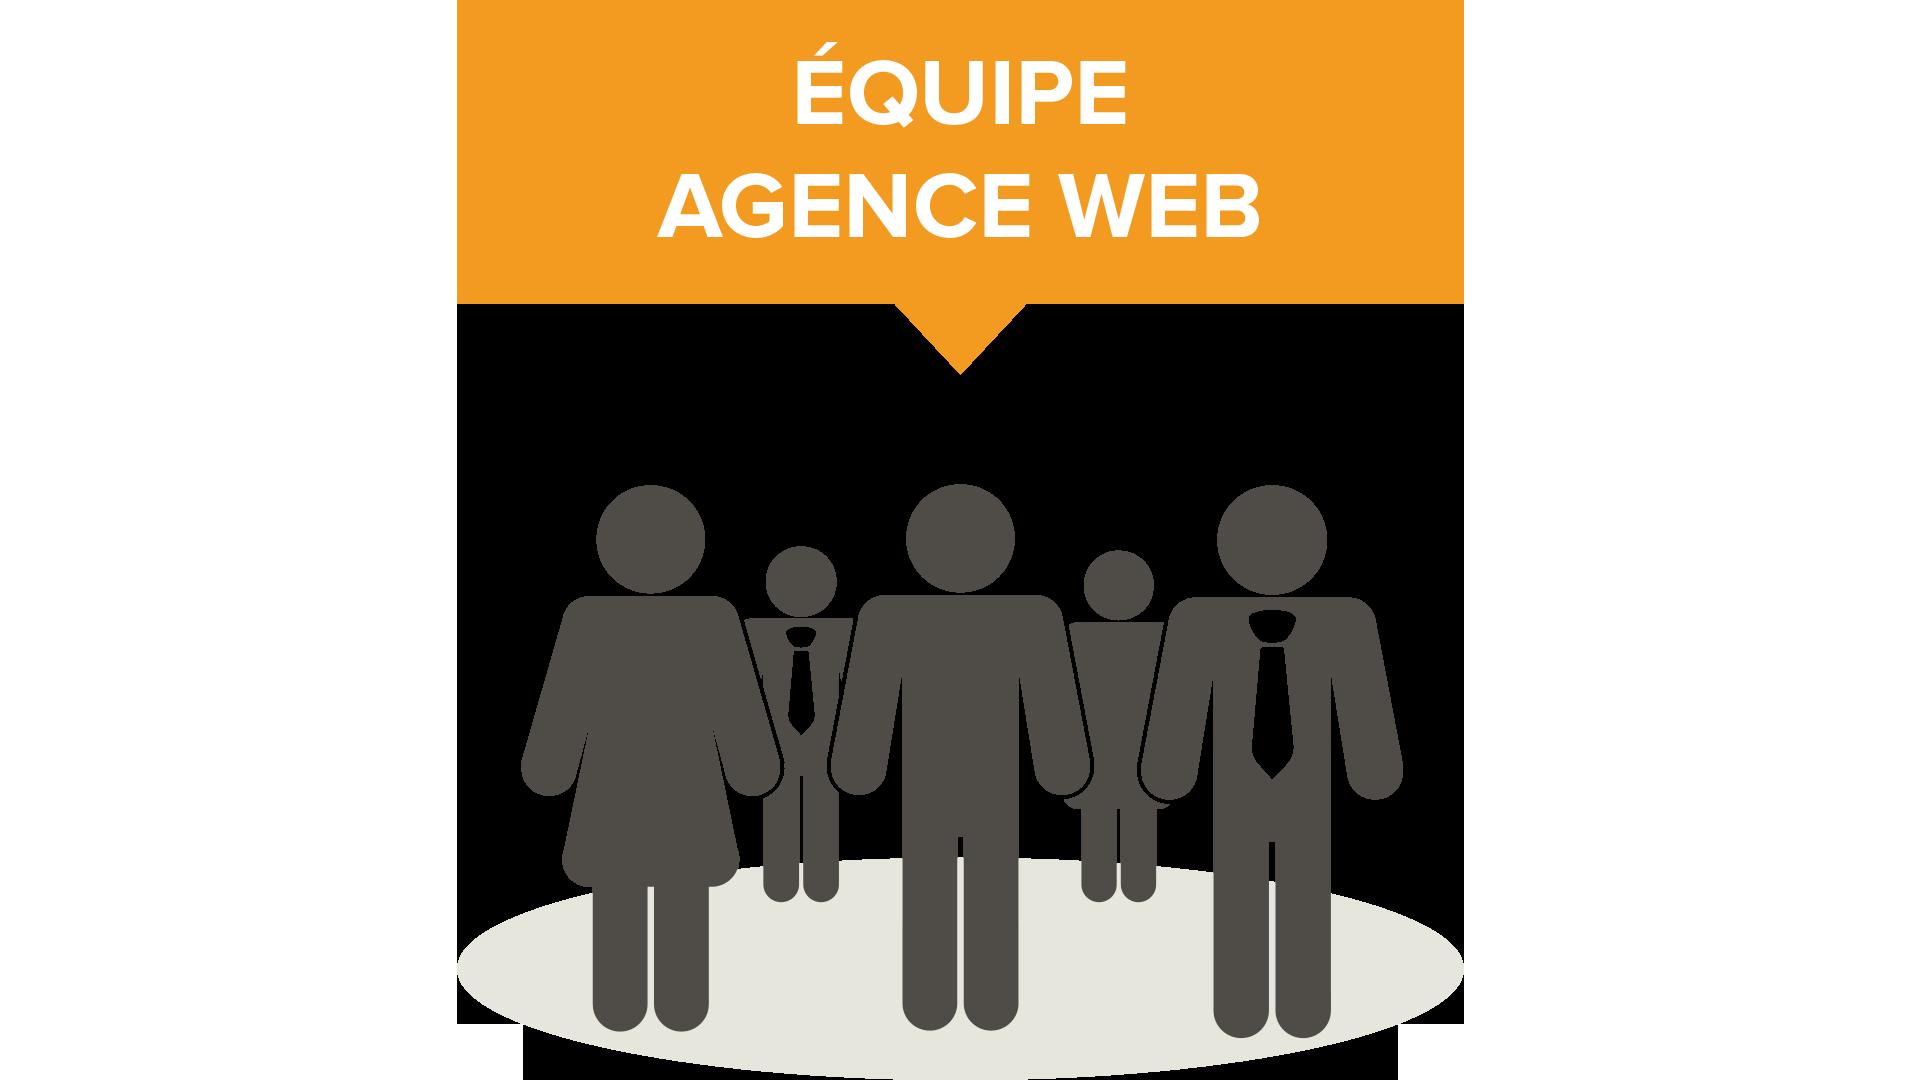 equipe agence web